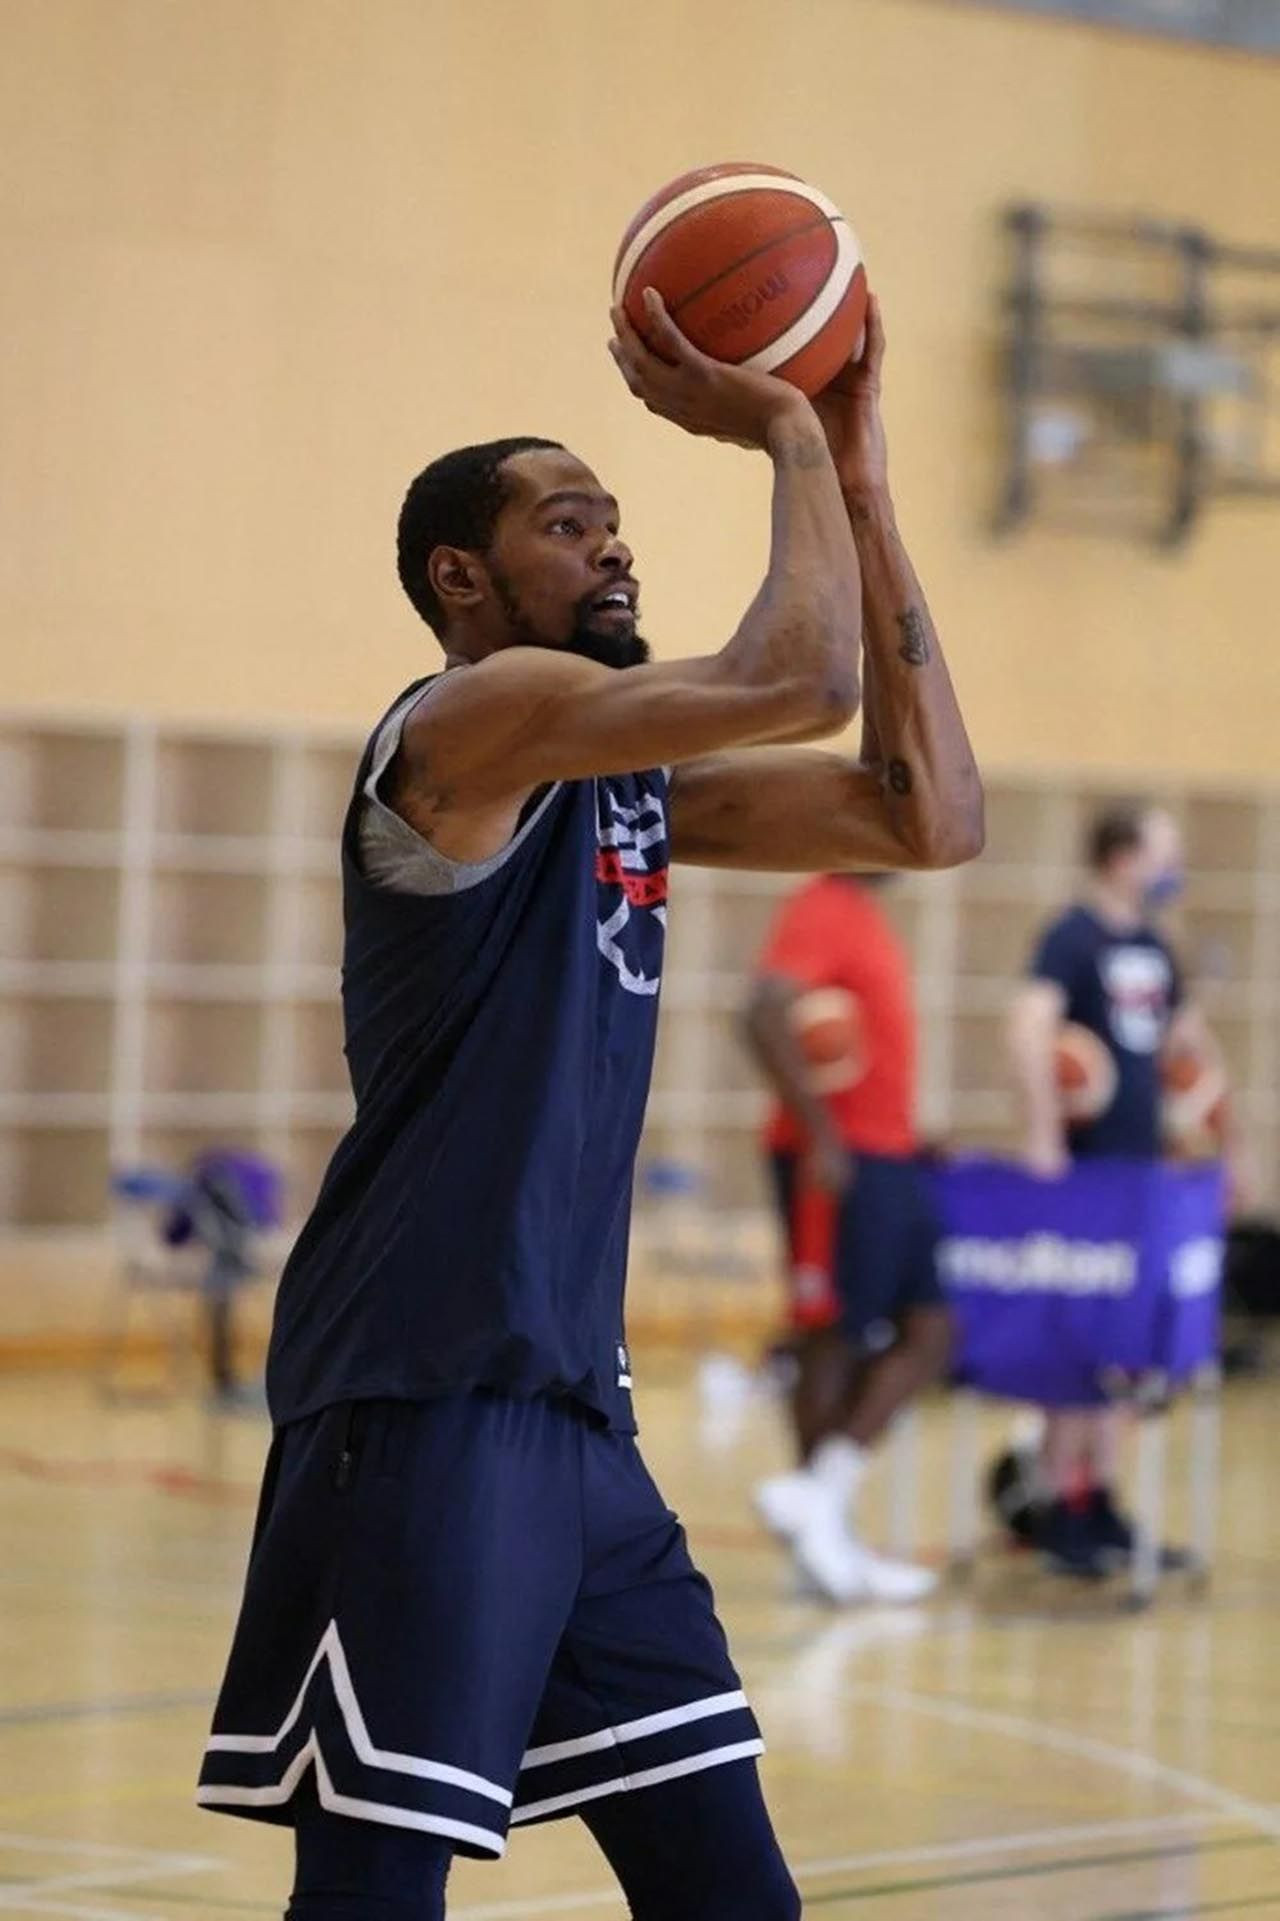 NBA yıldızı, milli voleybolcu Zehra Güneş'i takibe aldı - Resim: 4